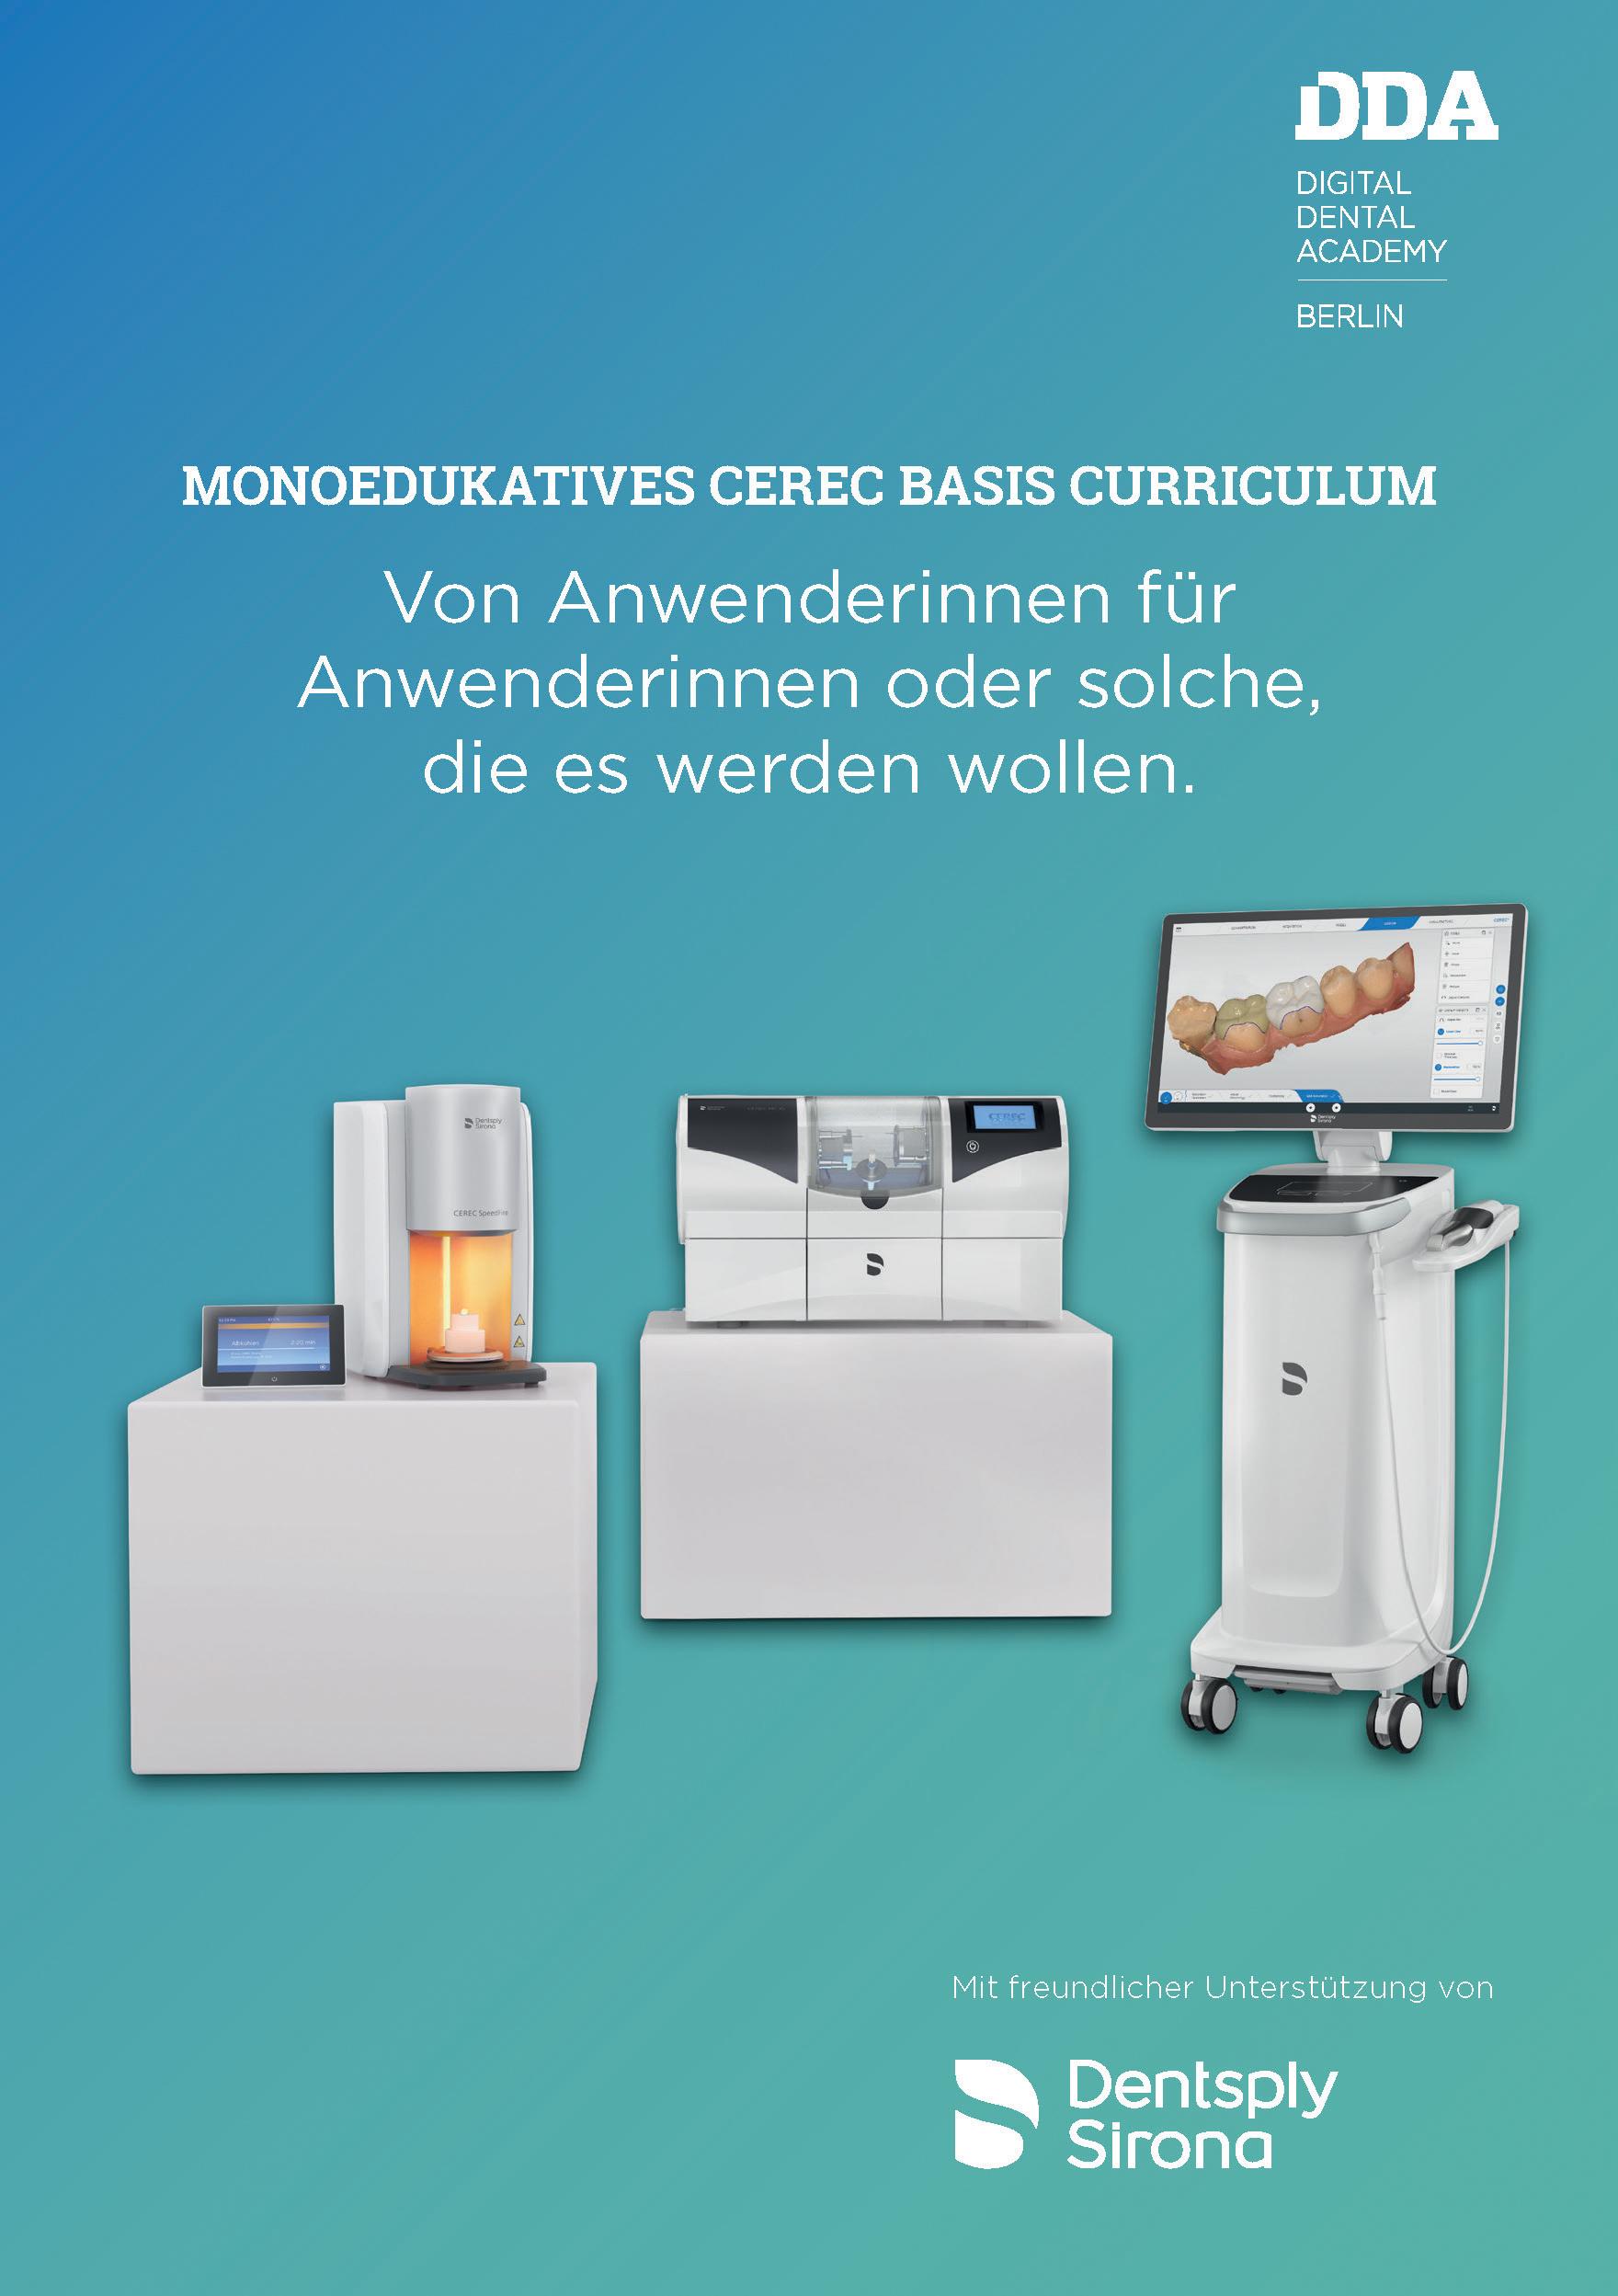 Die Programmbroschüre des CEREC Basis Curriculums enthält eine ausführliche Beschreibung der einzelnen Module.